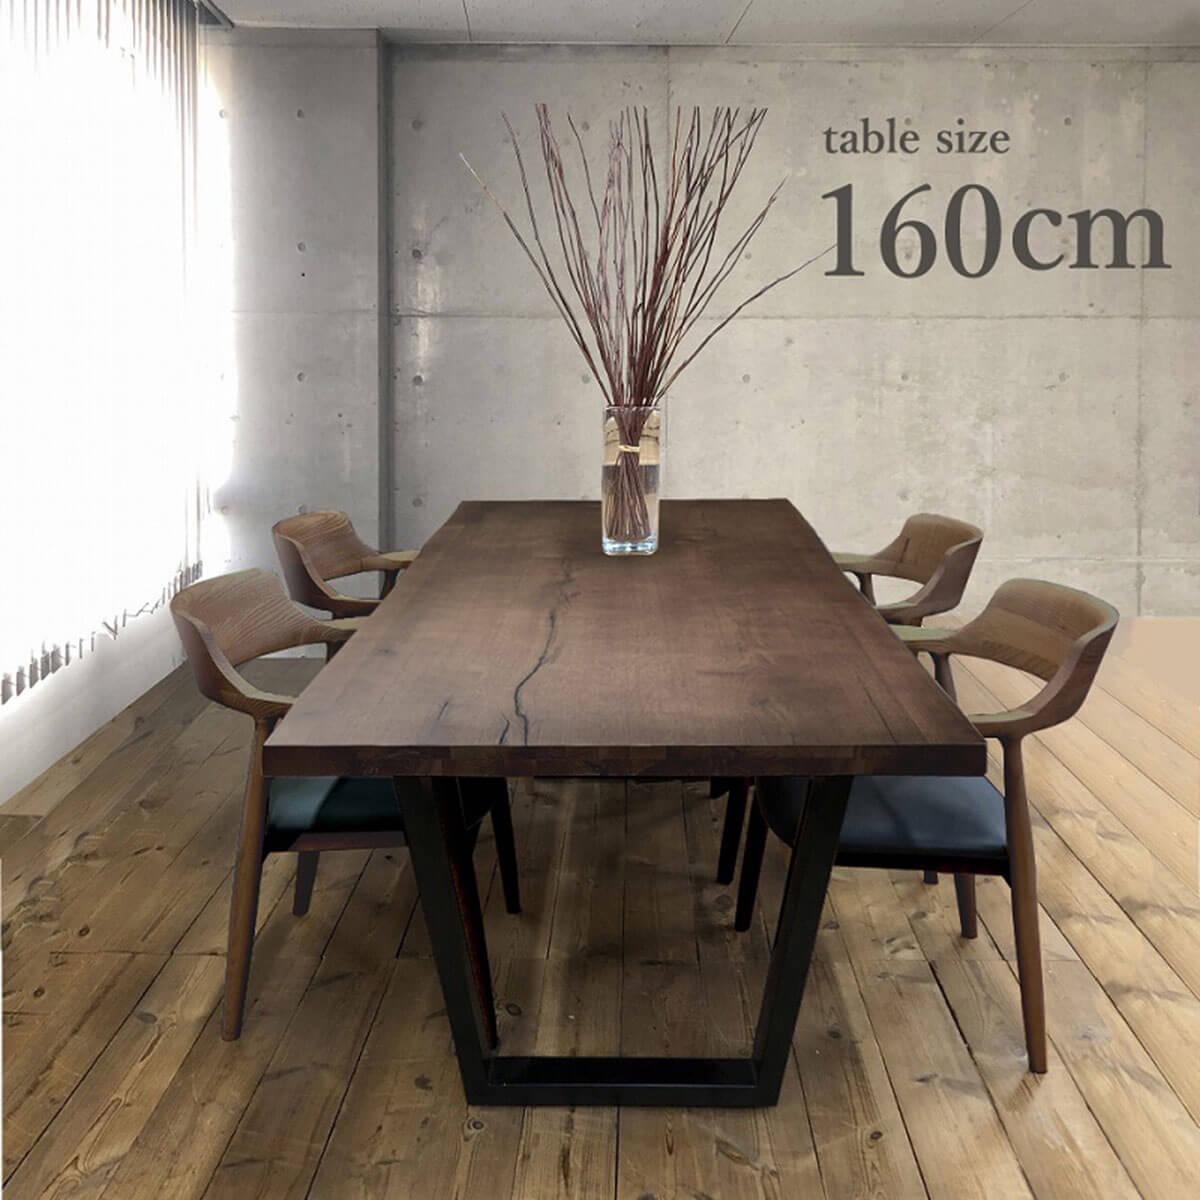 KT ダイニングテーブル160